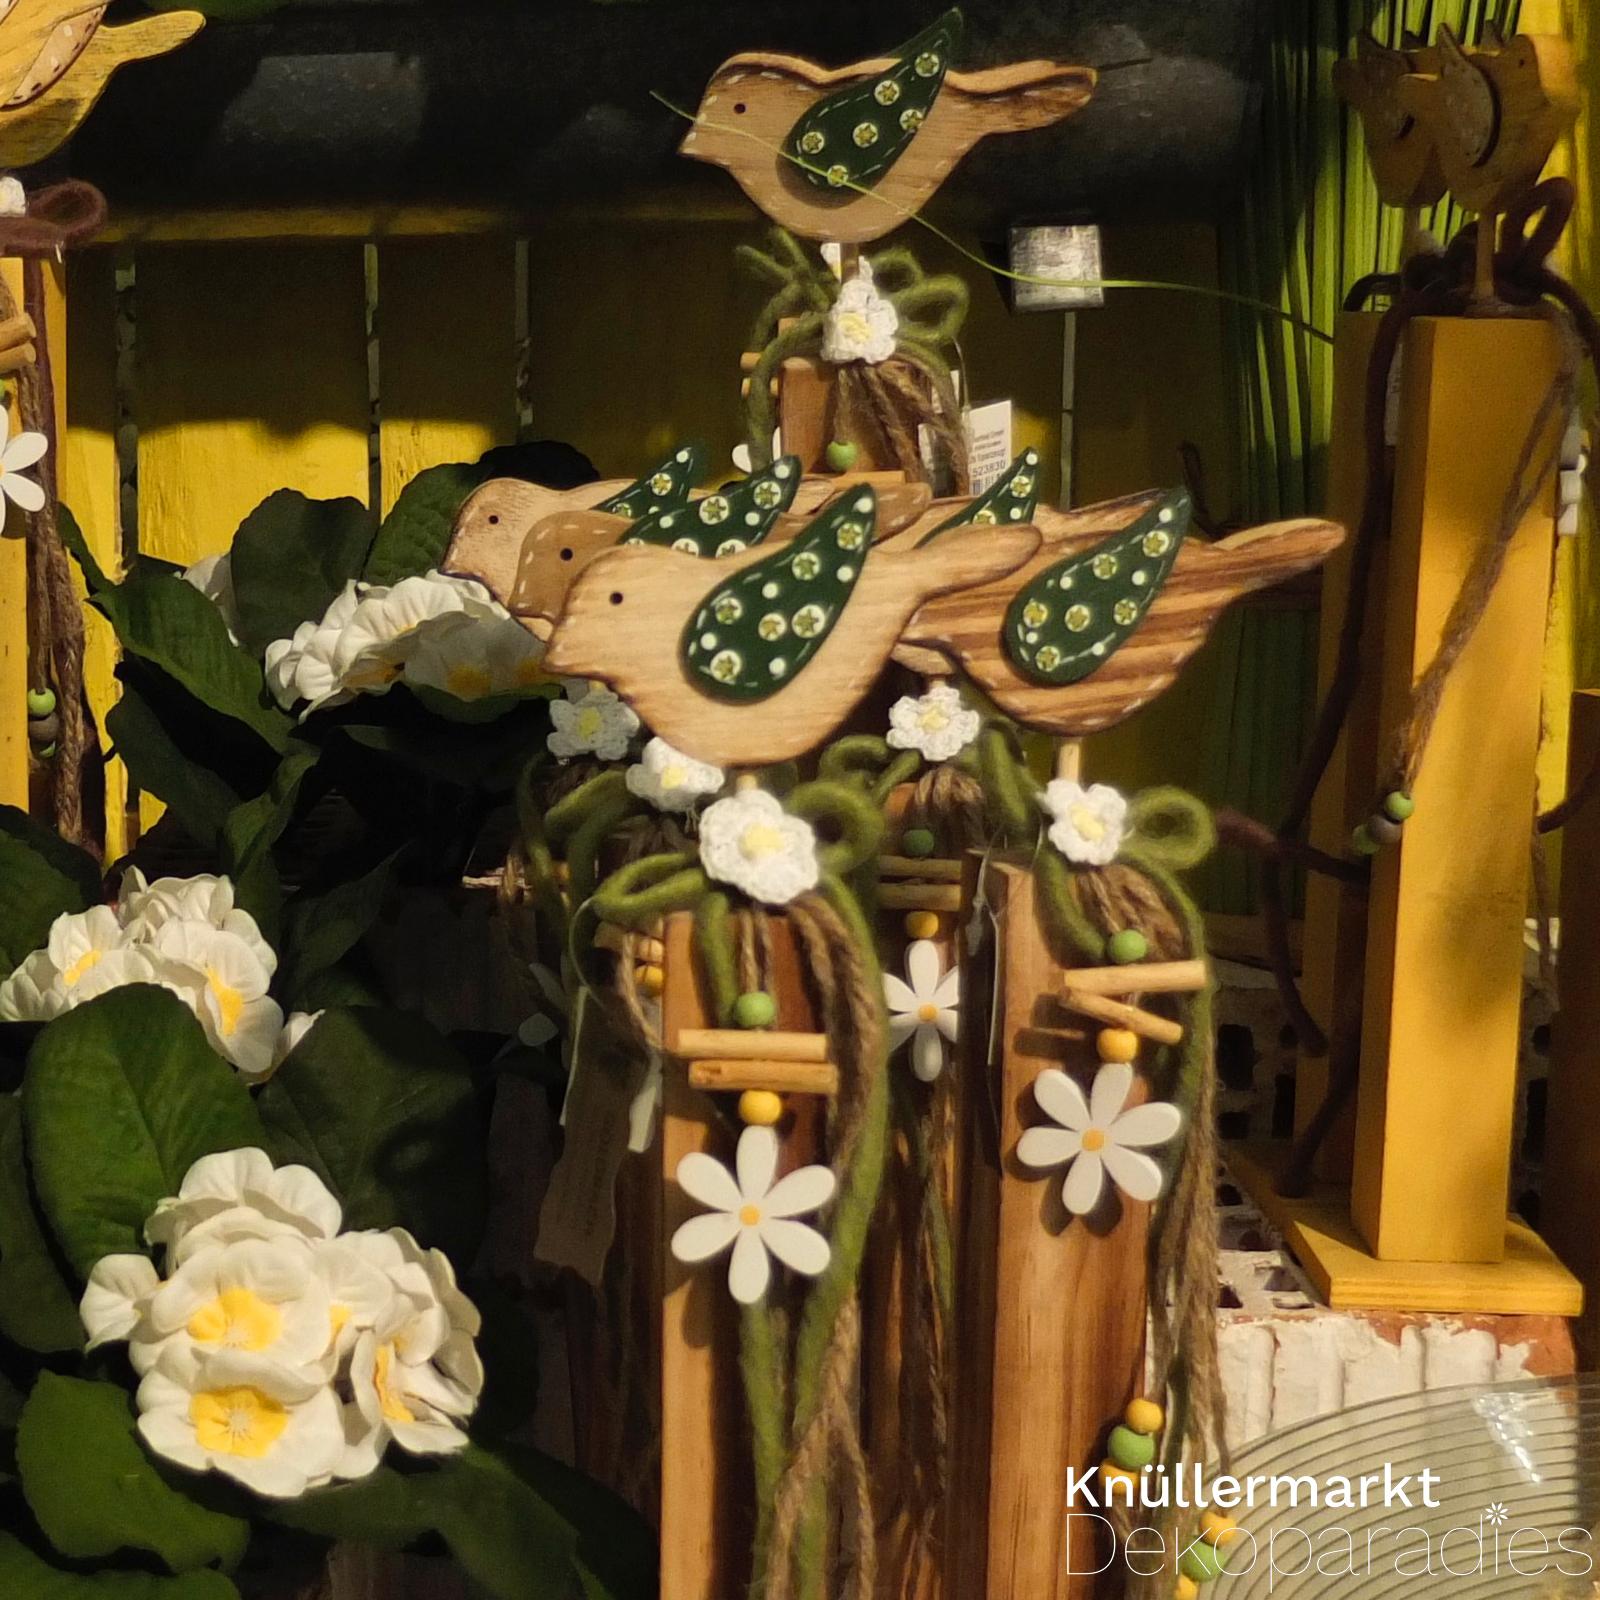 gallerie-6-themenseite-fruehling-oster-blumen-deko-paradies-knuellermarkt